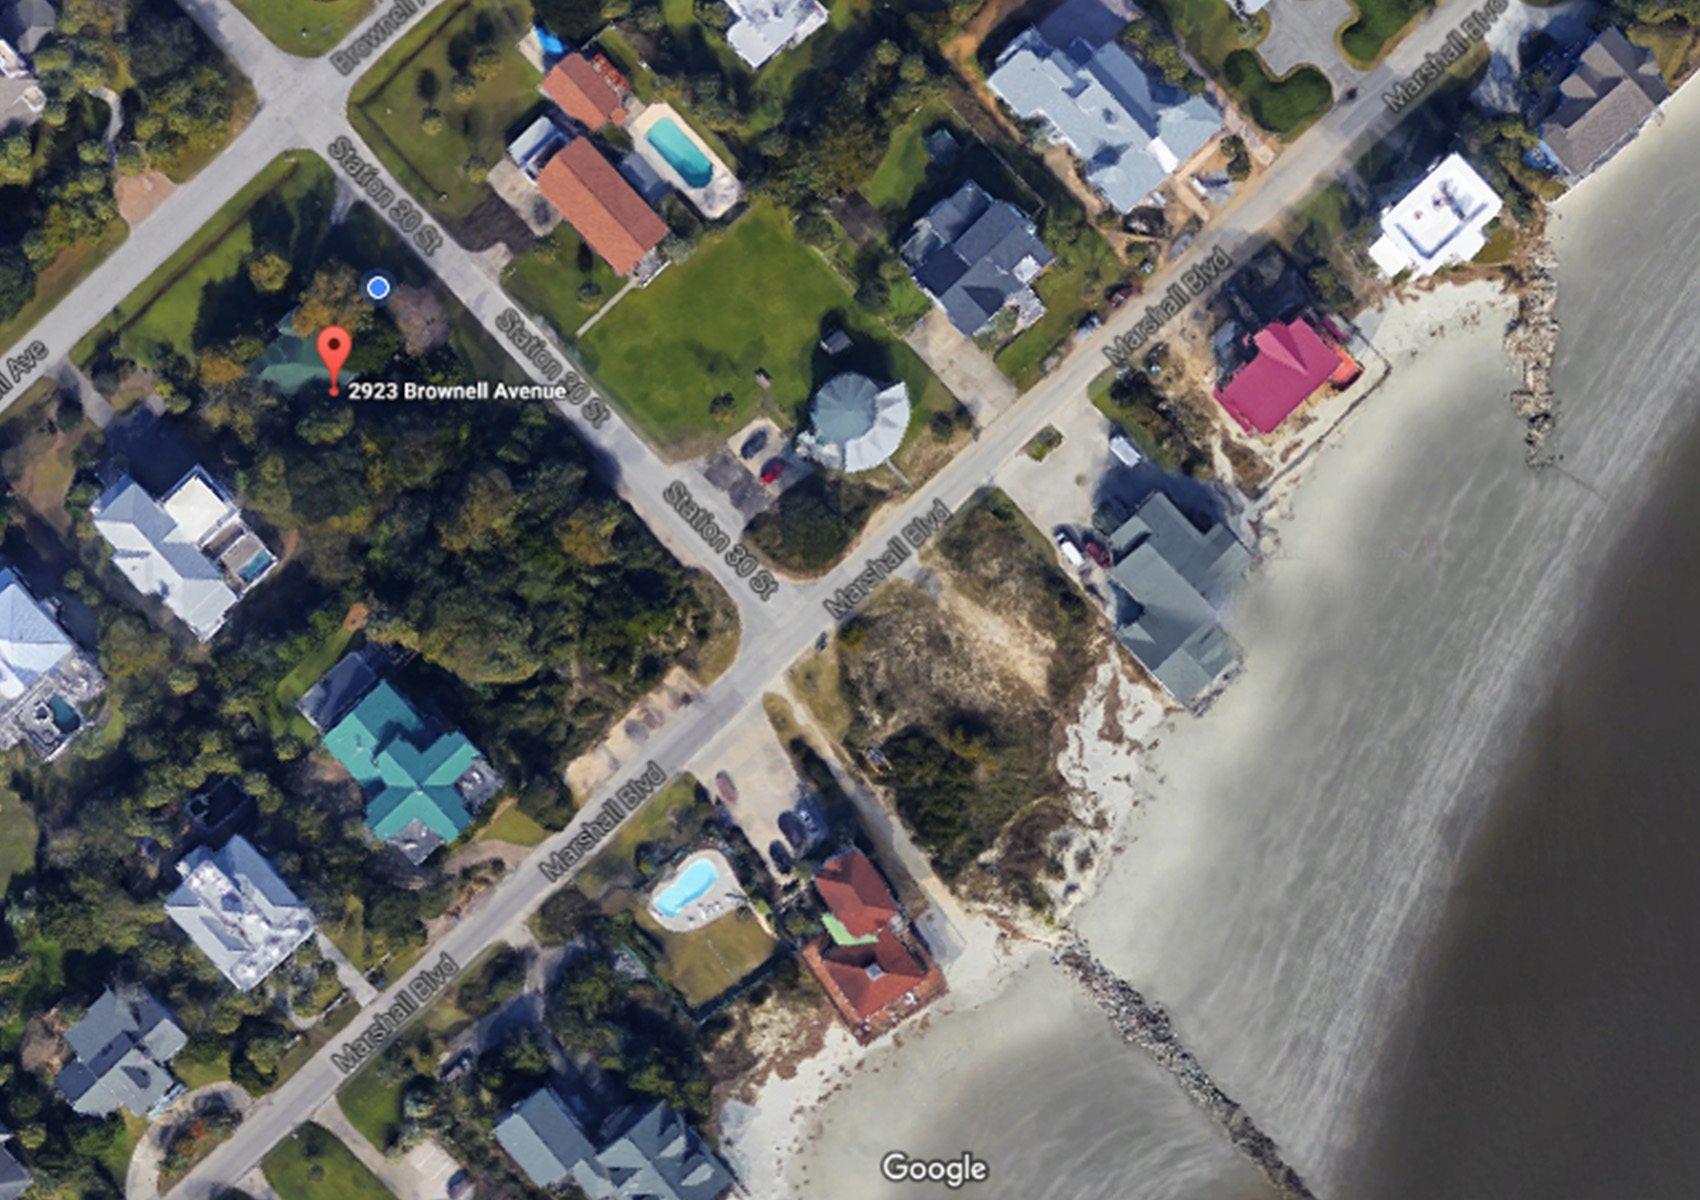 2923 Brownell Avenue, Sullivan's Island